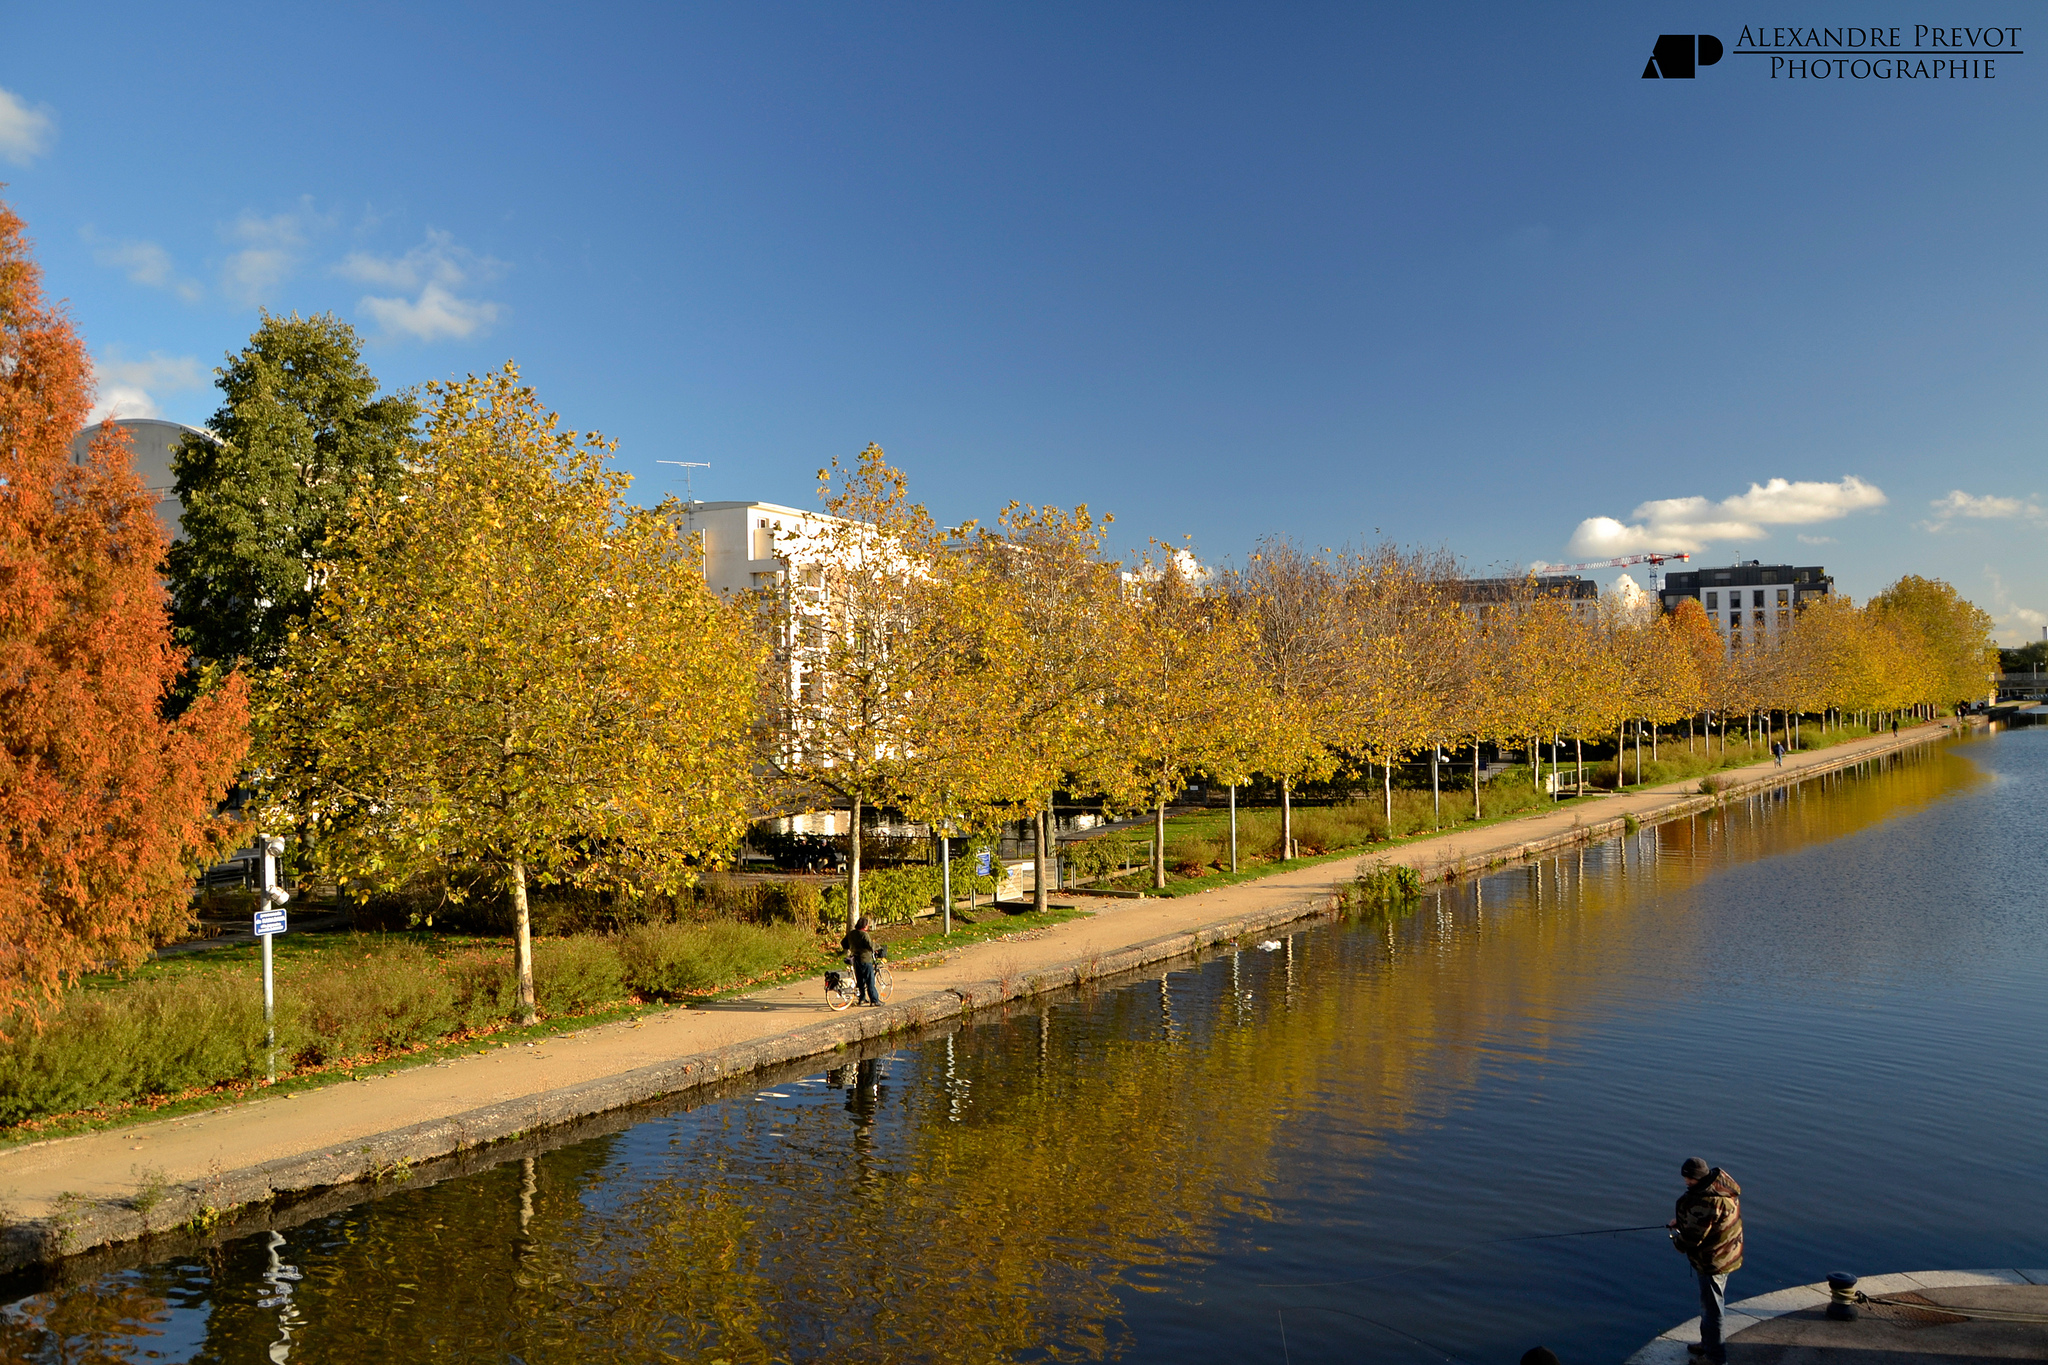 Logiciel de gestion des arbres en ville - crédit Alexandre Prévot